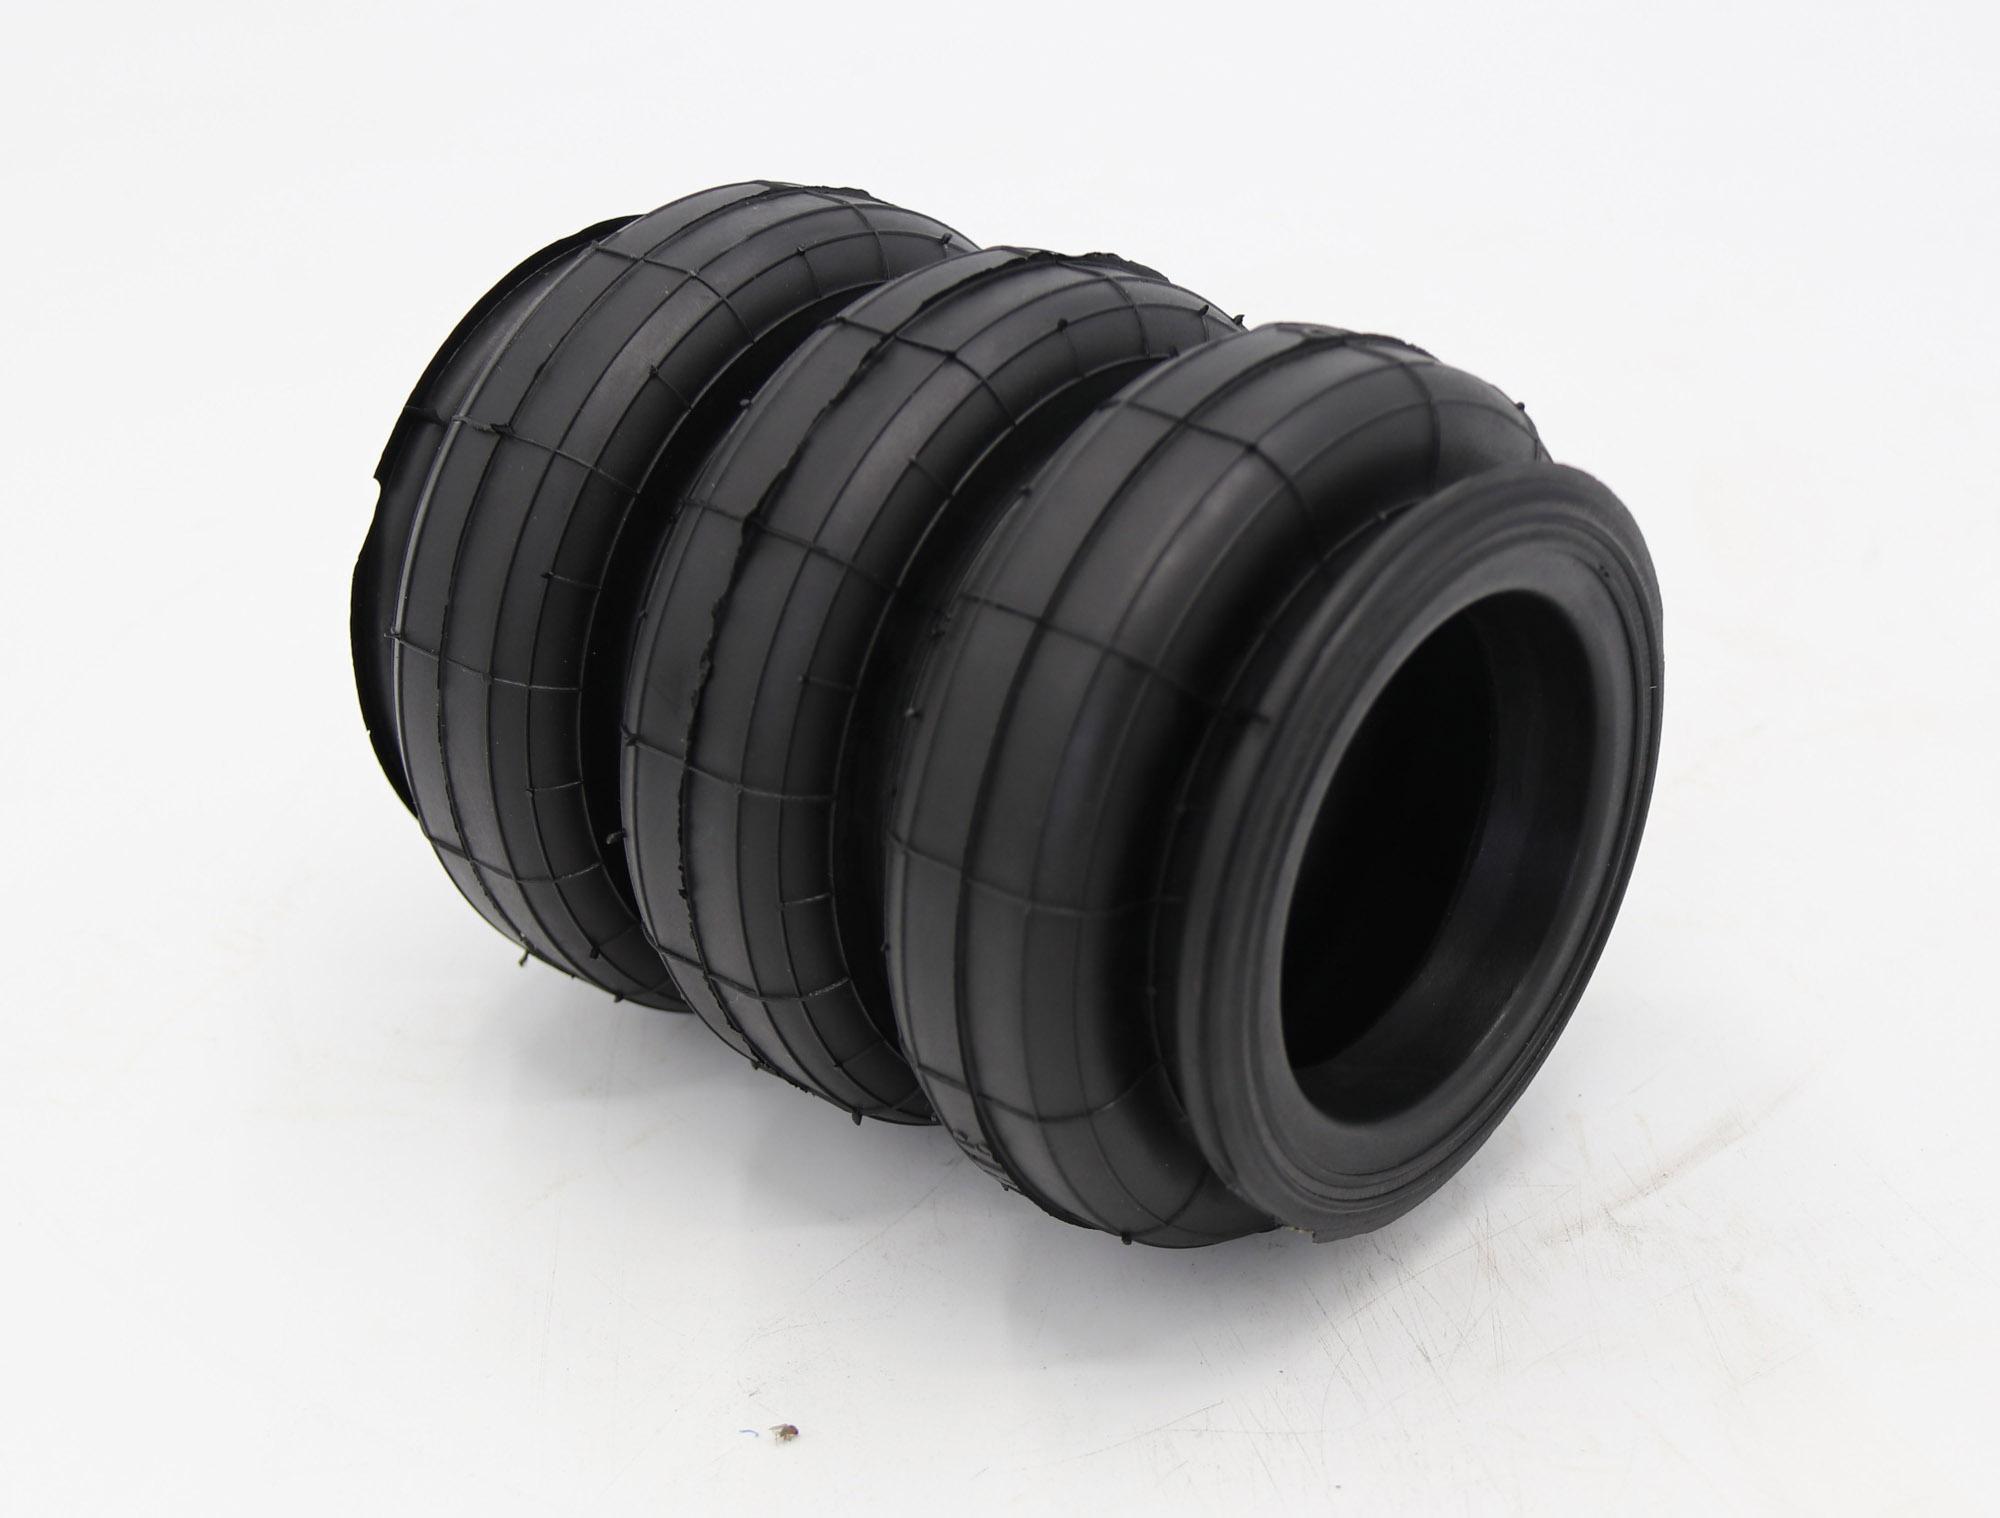 橡胶气囊-品质好的乘用车及改装空气弹簧哪家有